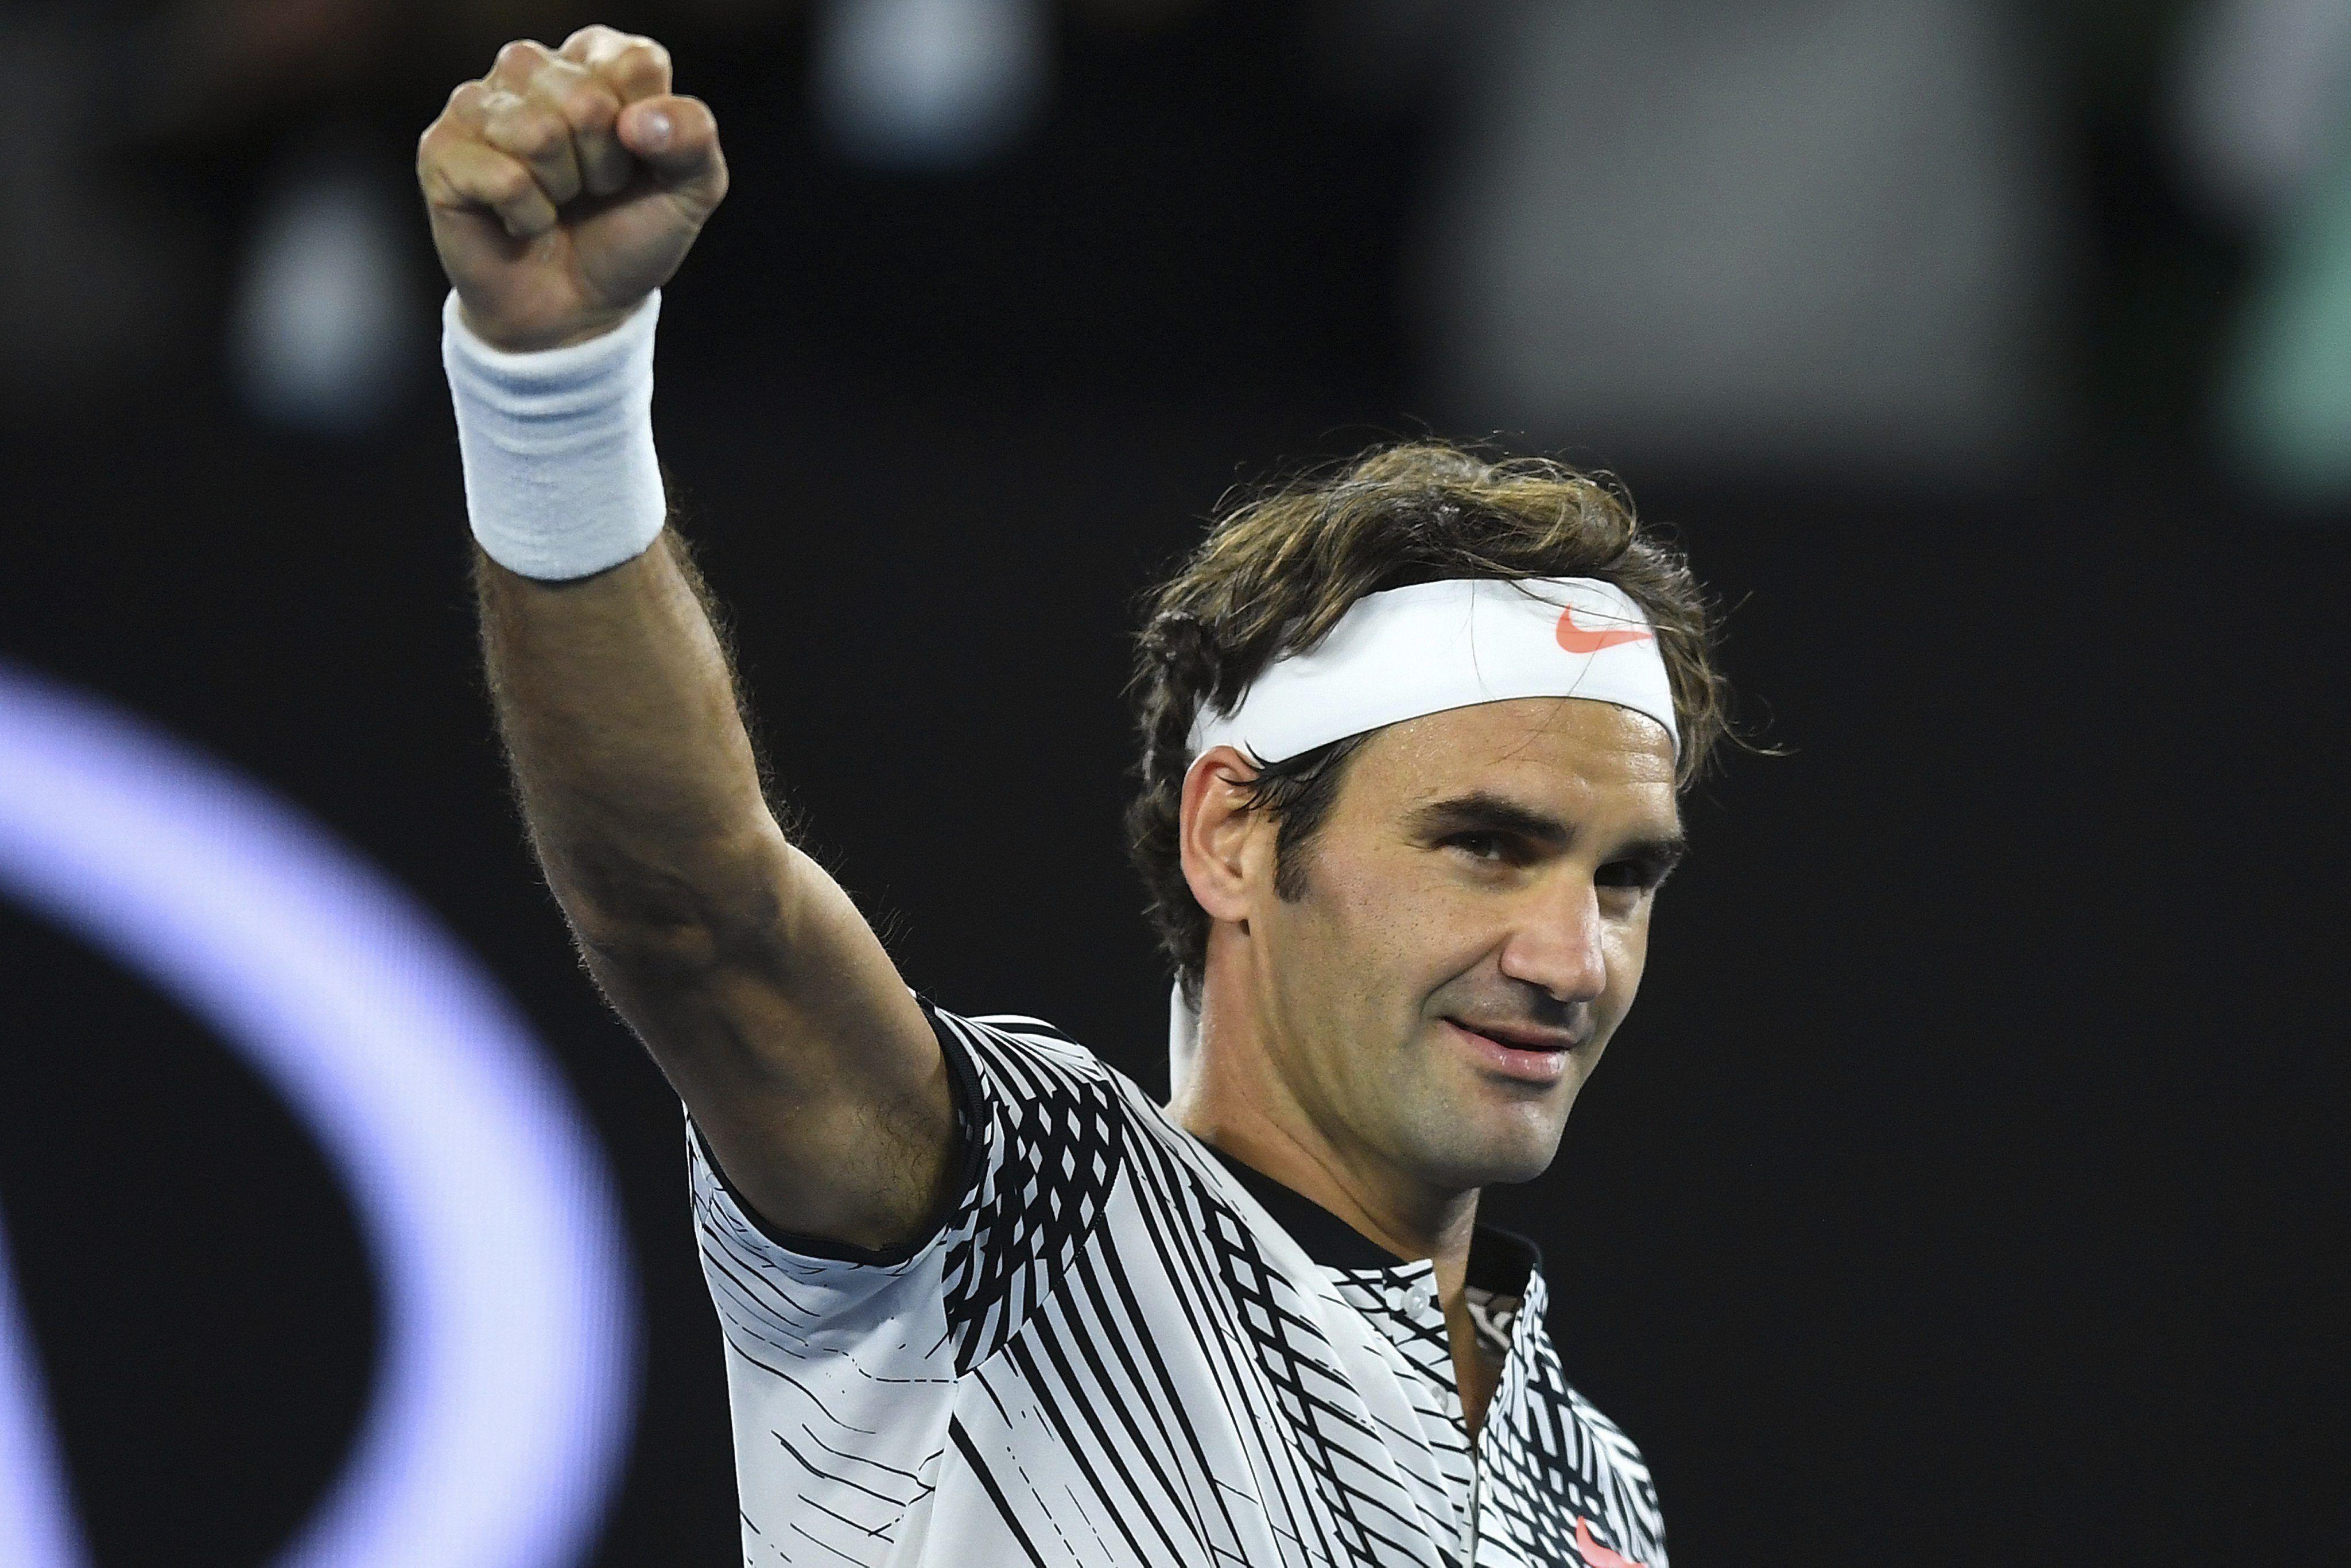 El rostro de felicidad de Roger Federer